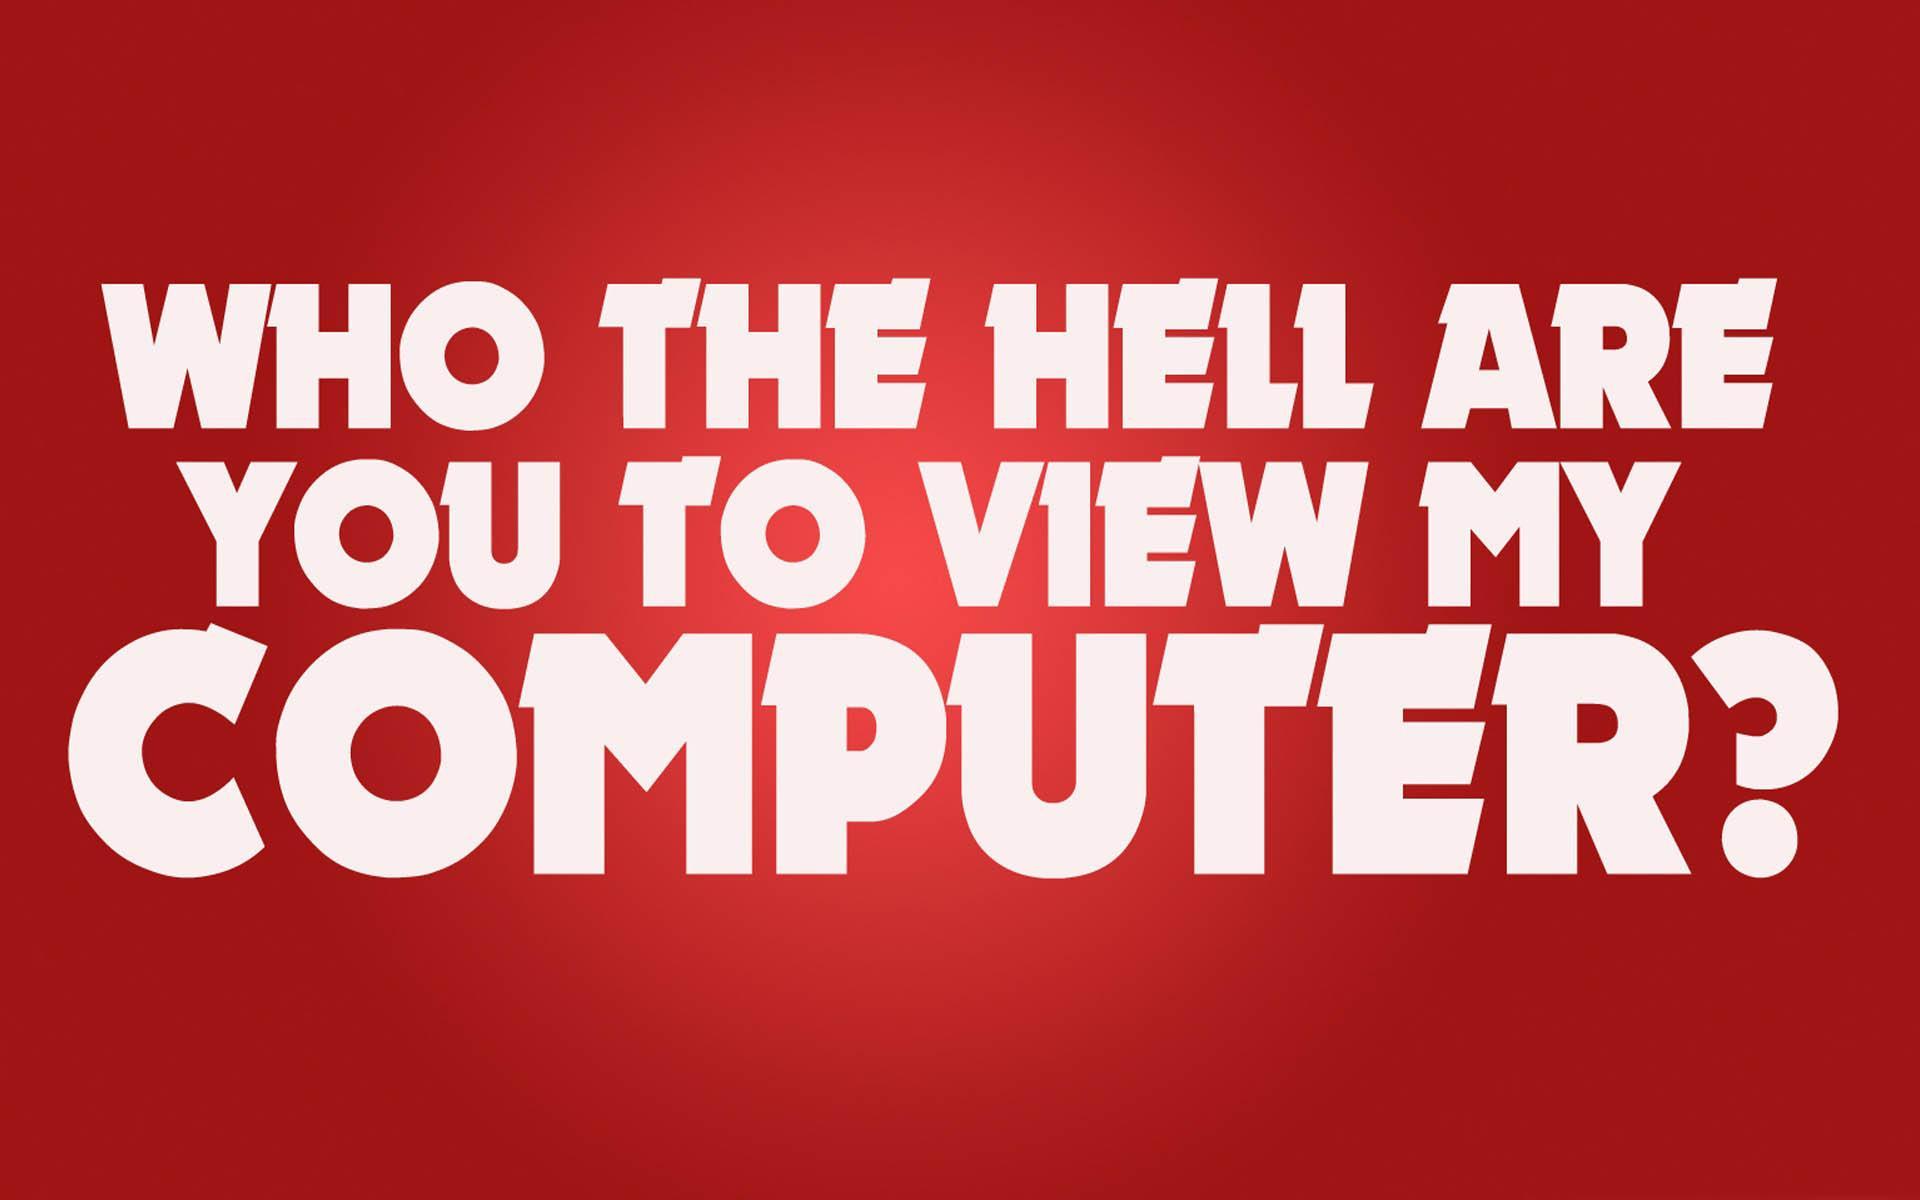 Por qué miras el fondo wallpaper de mi ordenador